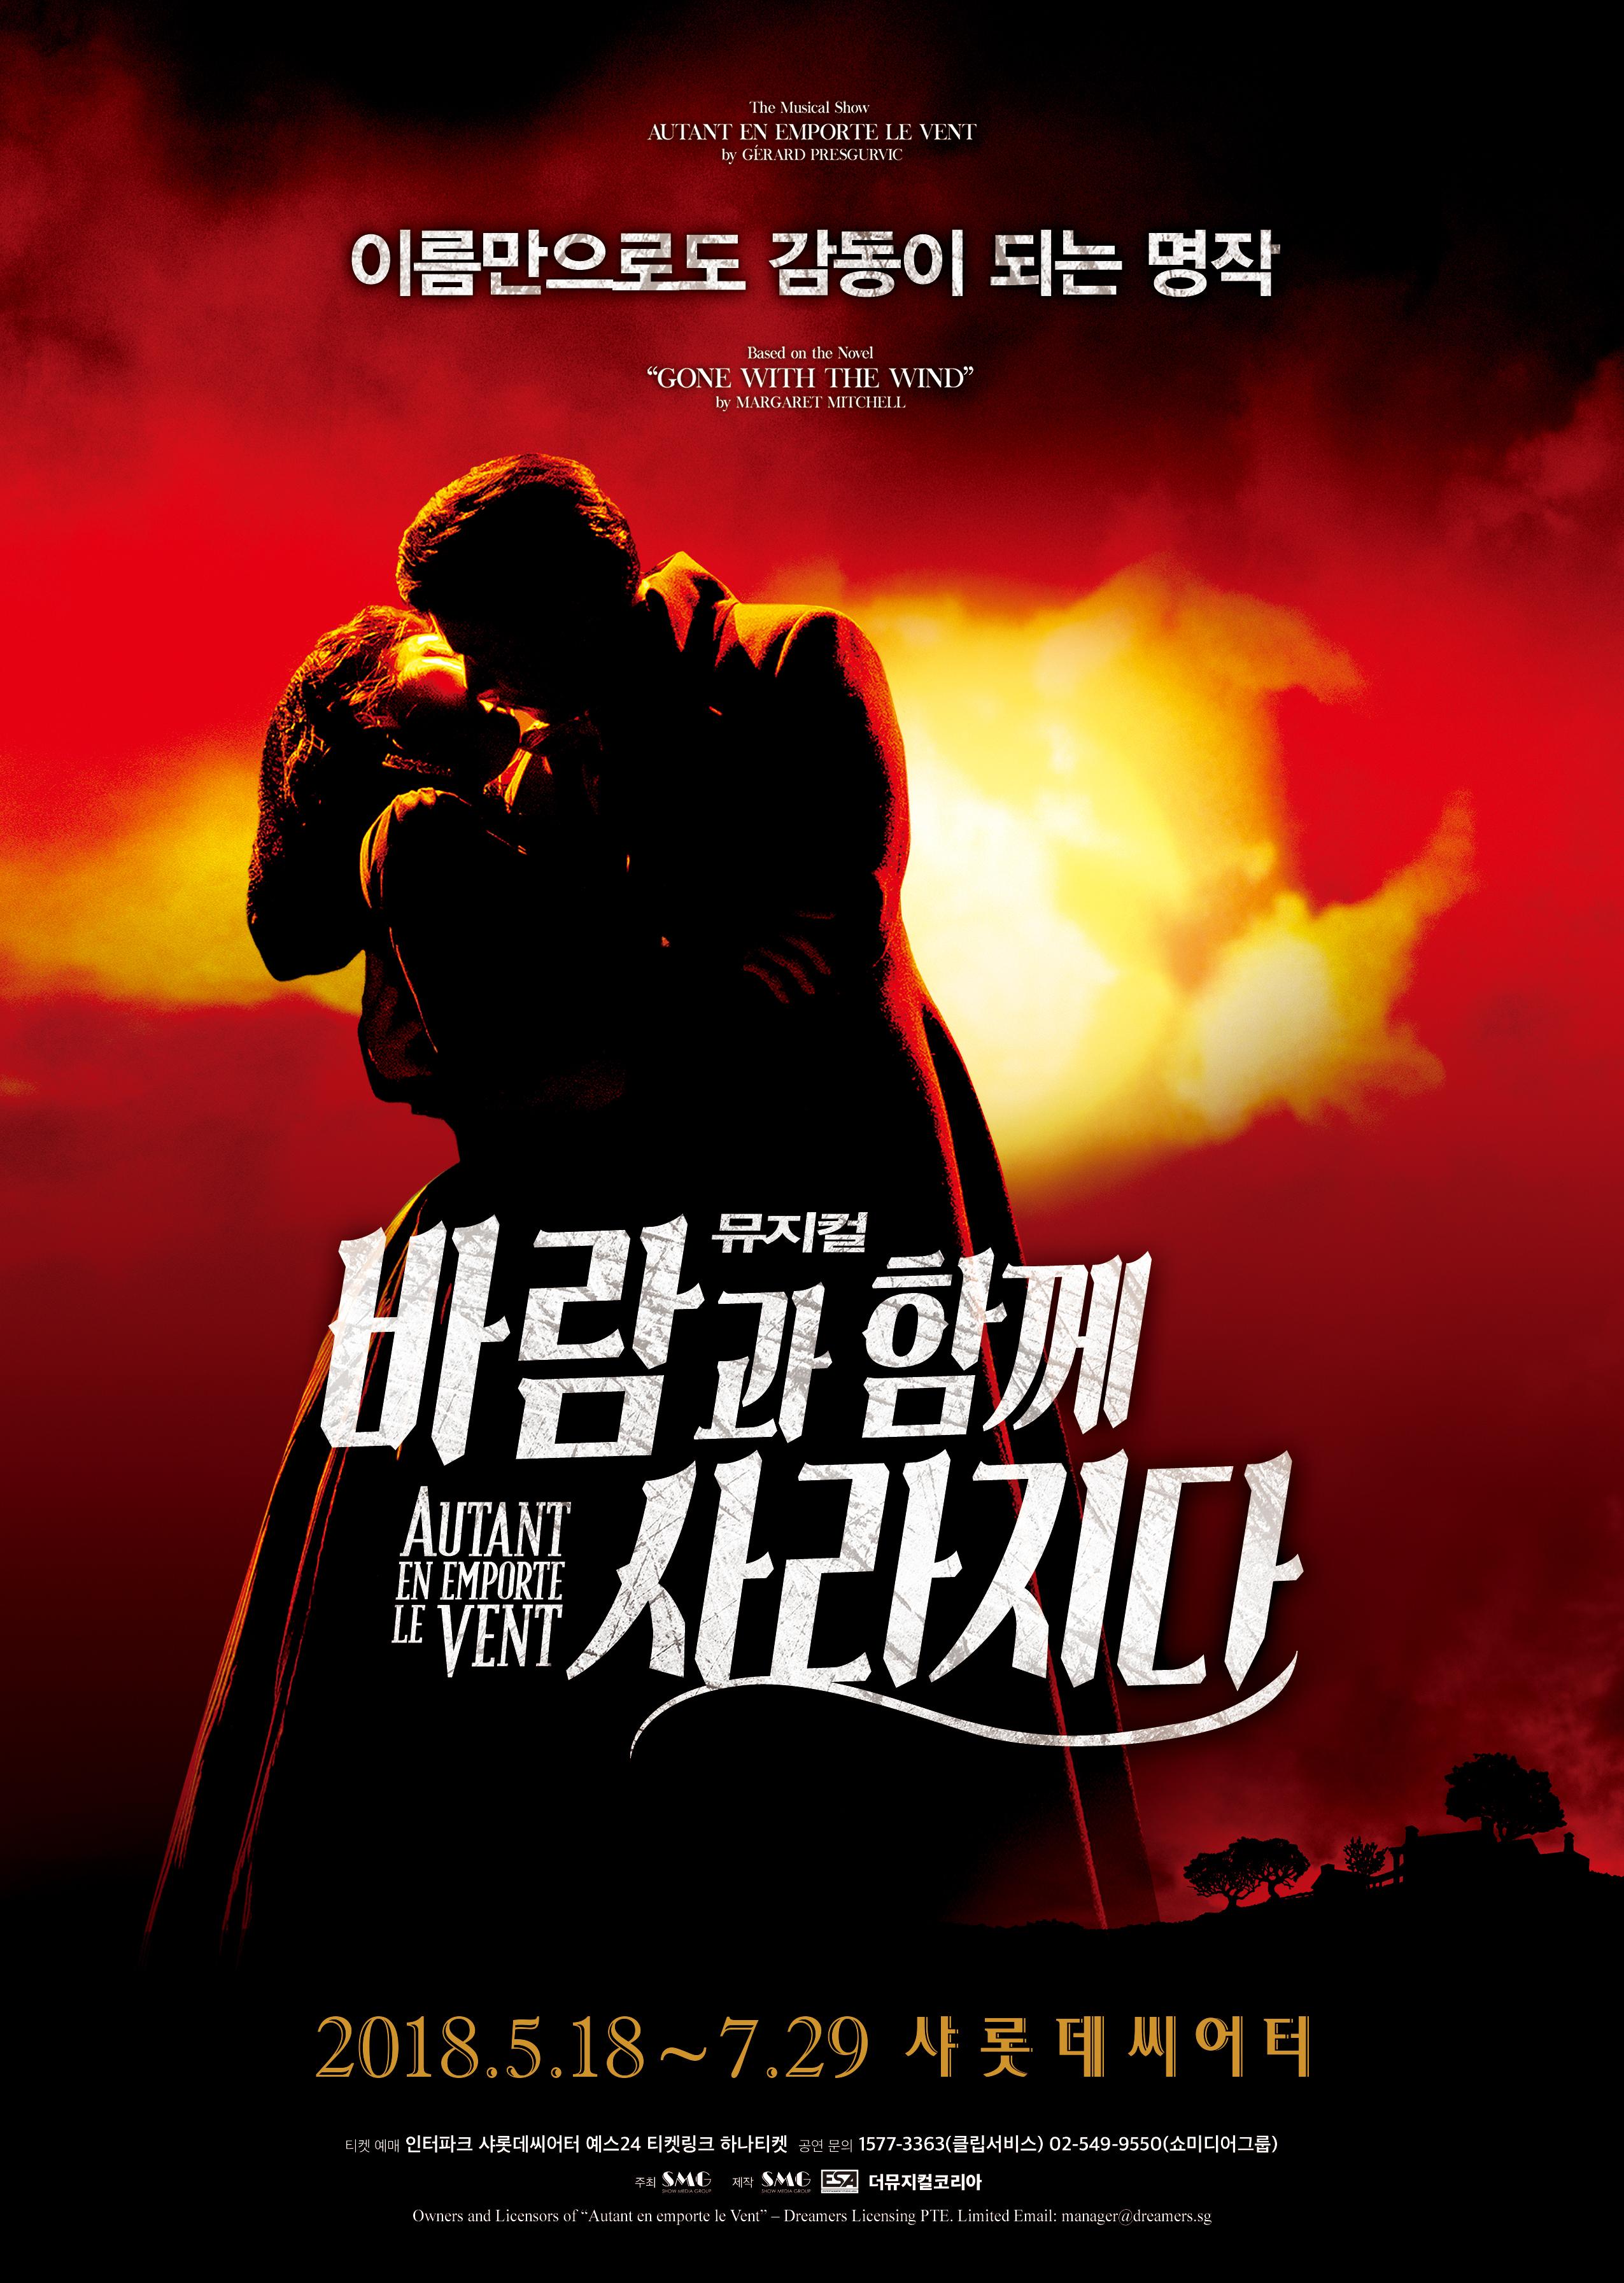 뮤지컬 '바람과 함께 사라지다', 한국 연출 브래드 리틀 합류